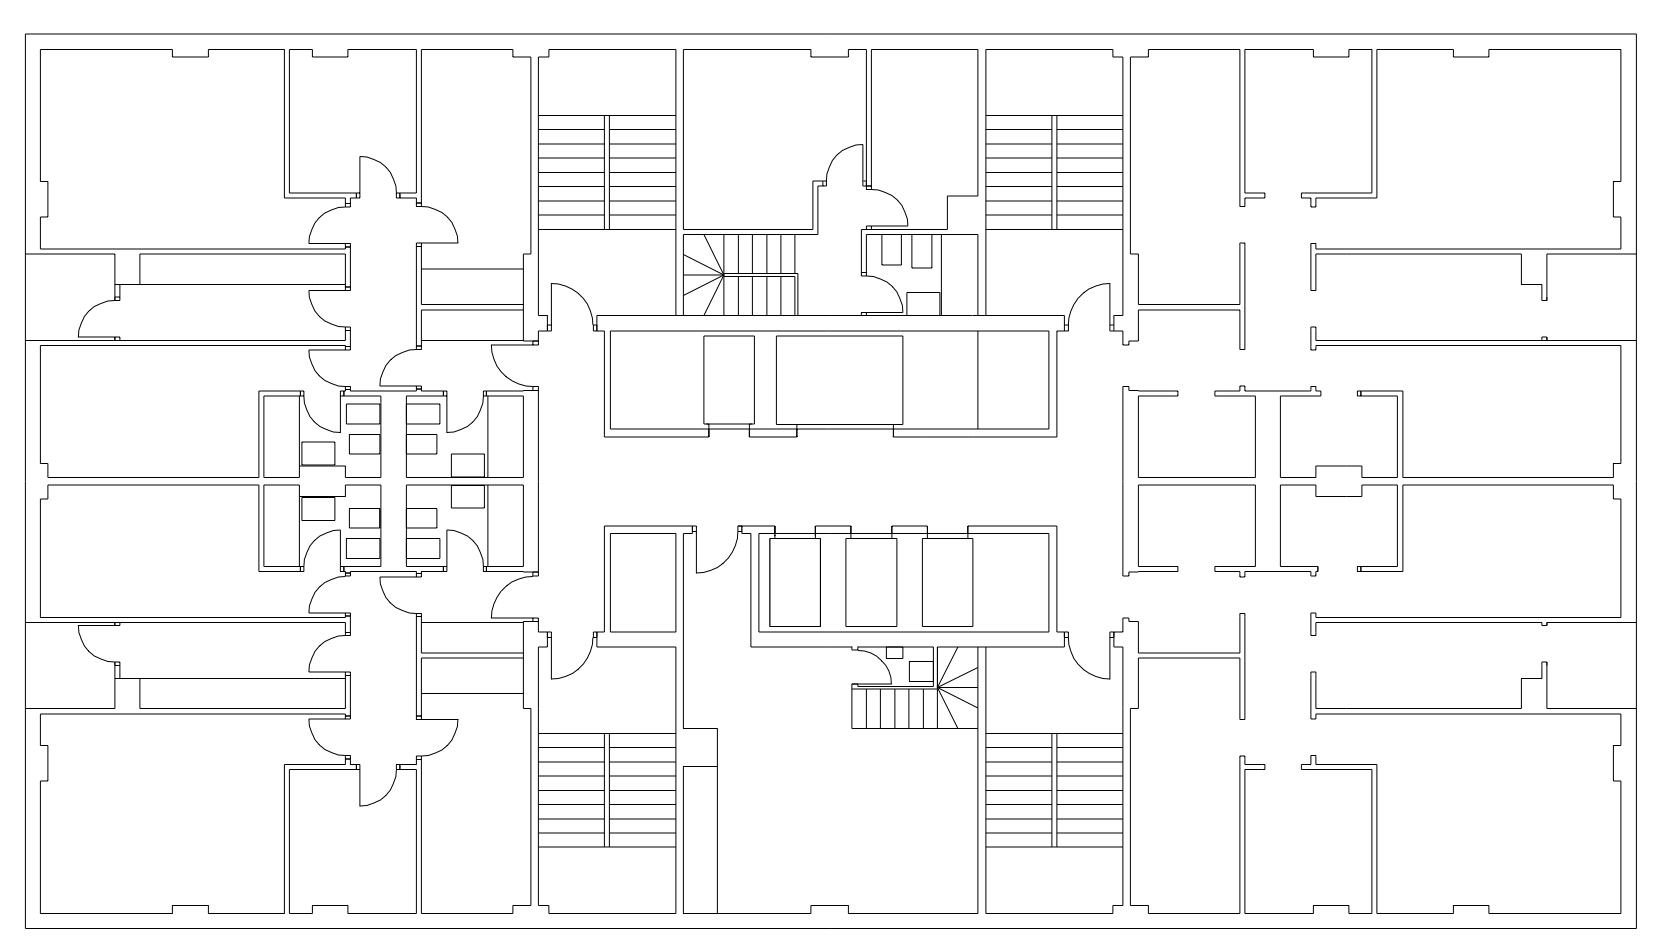 Concurso para una torre de viviendas | Imagen de proyecto4